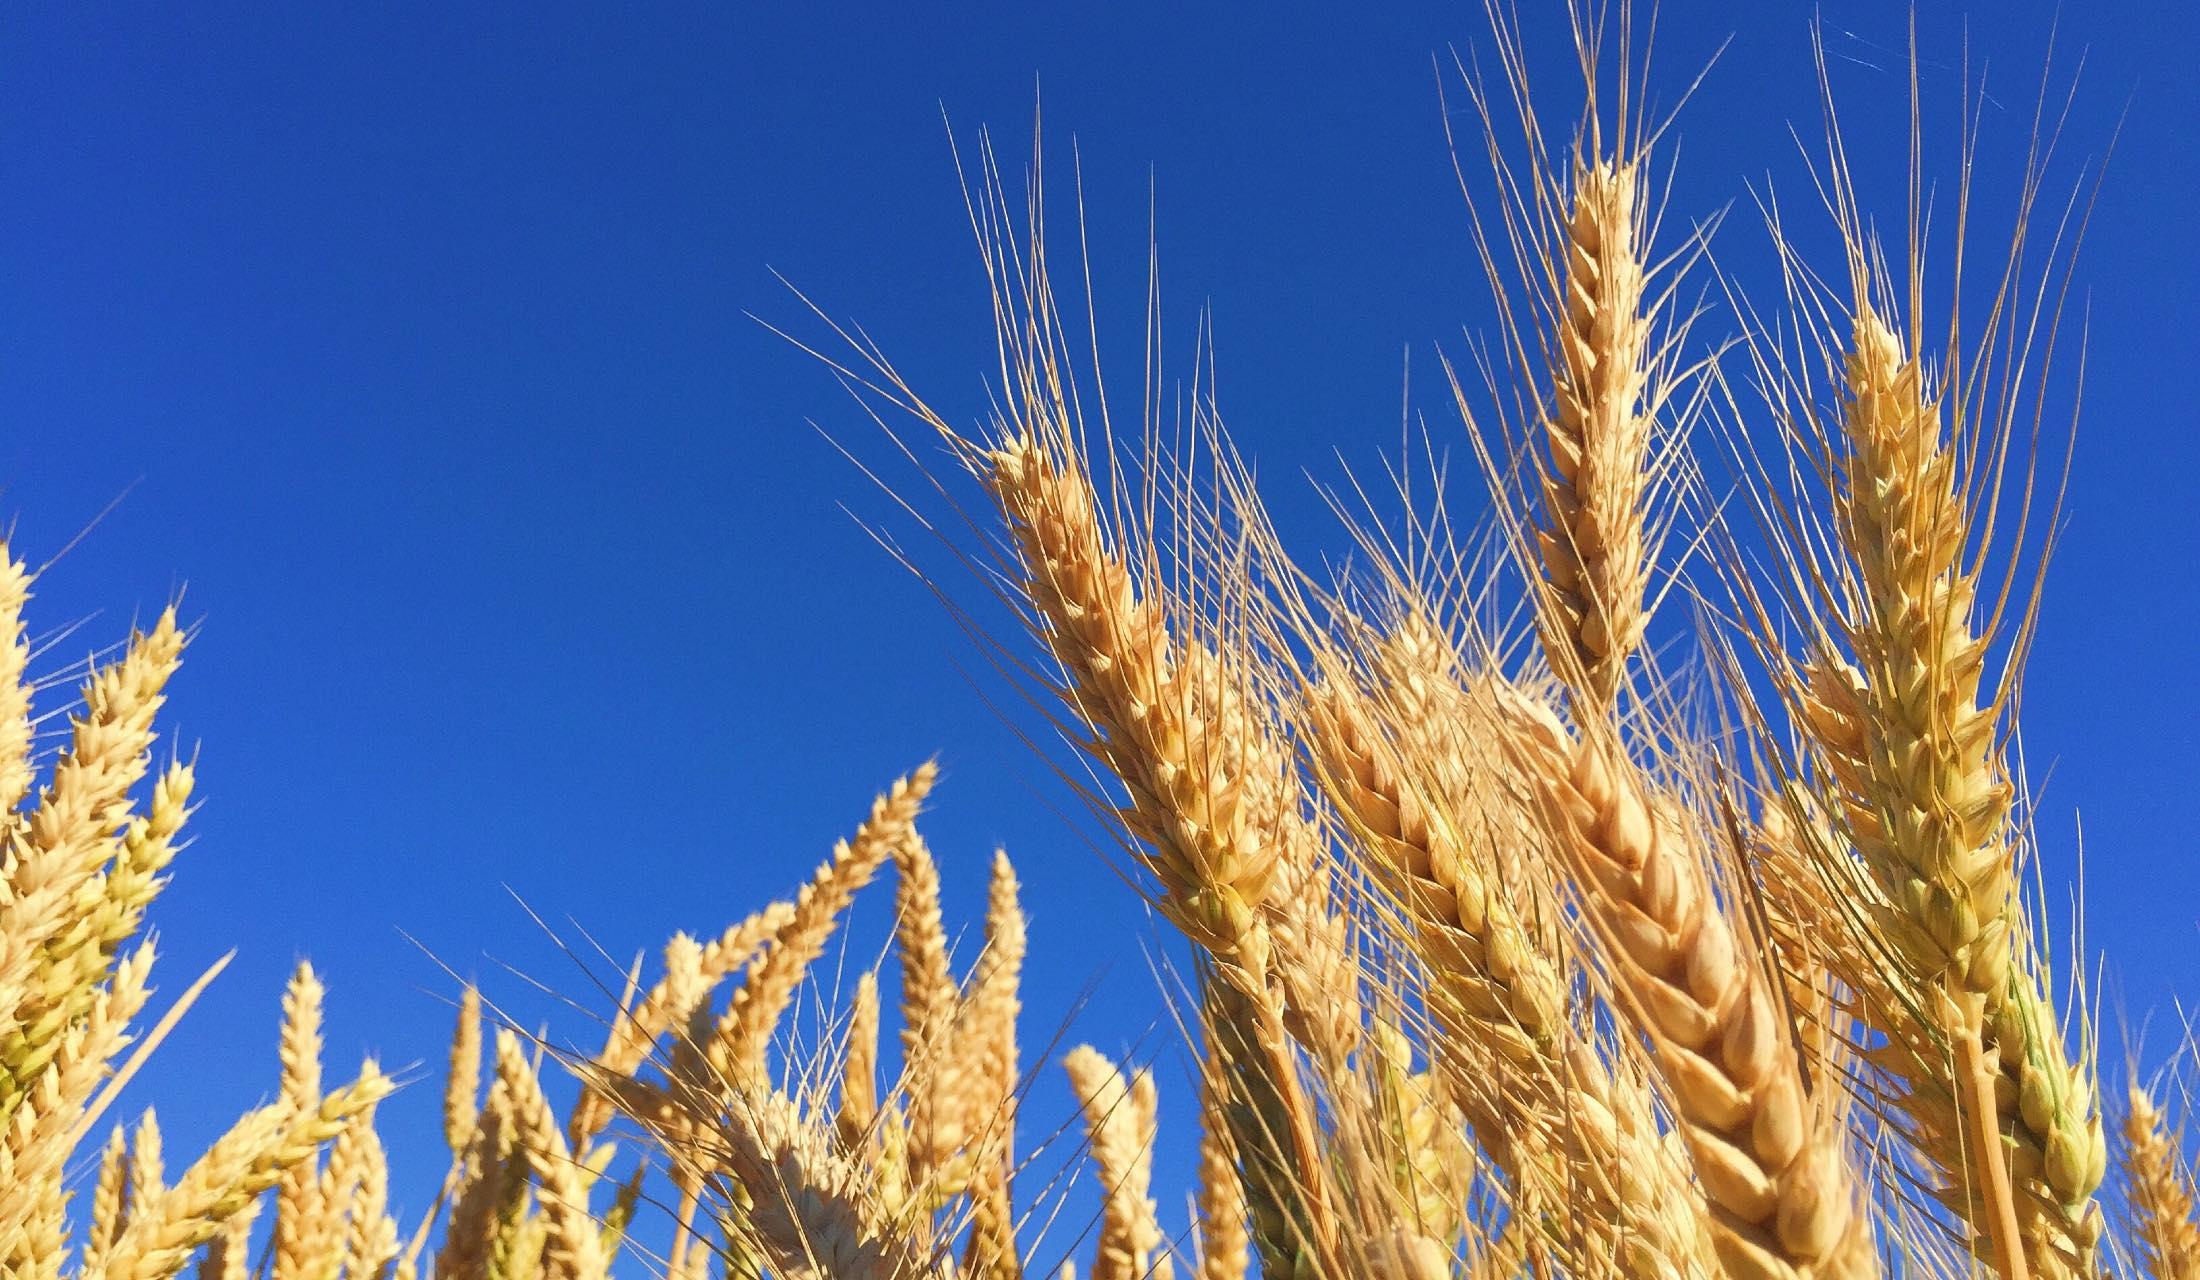 青空と麦の穂